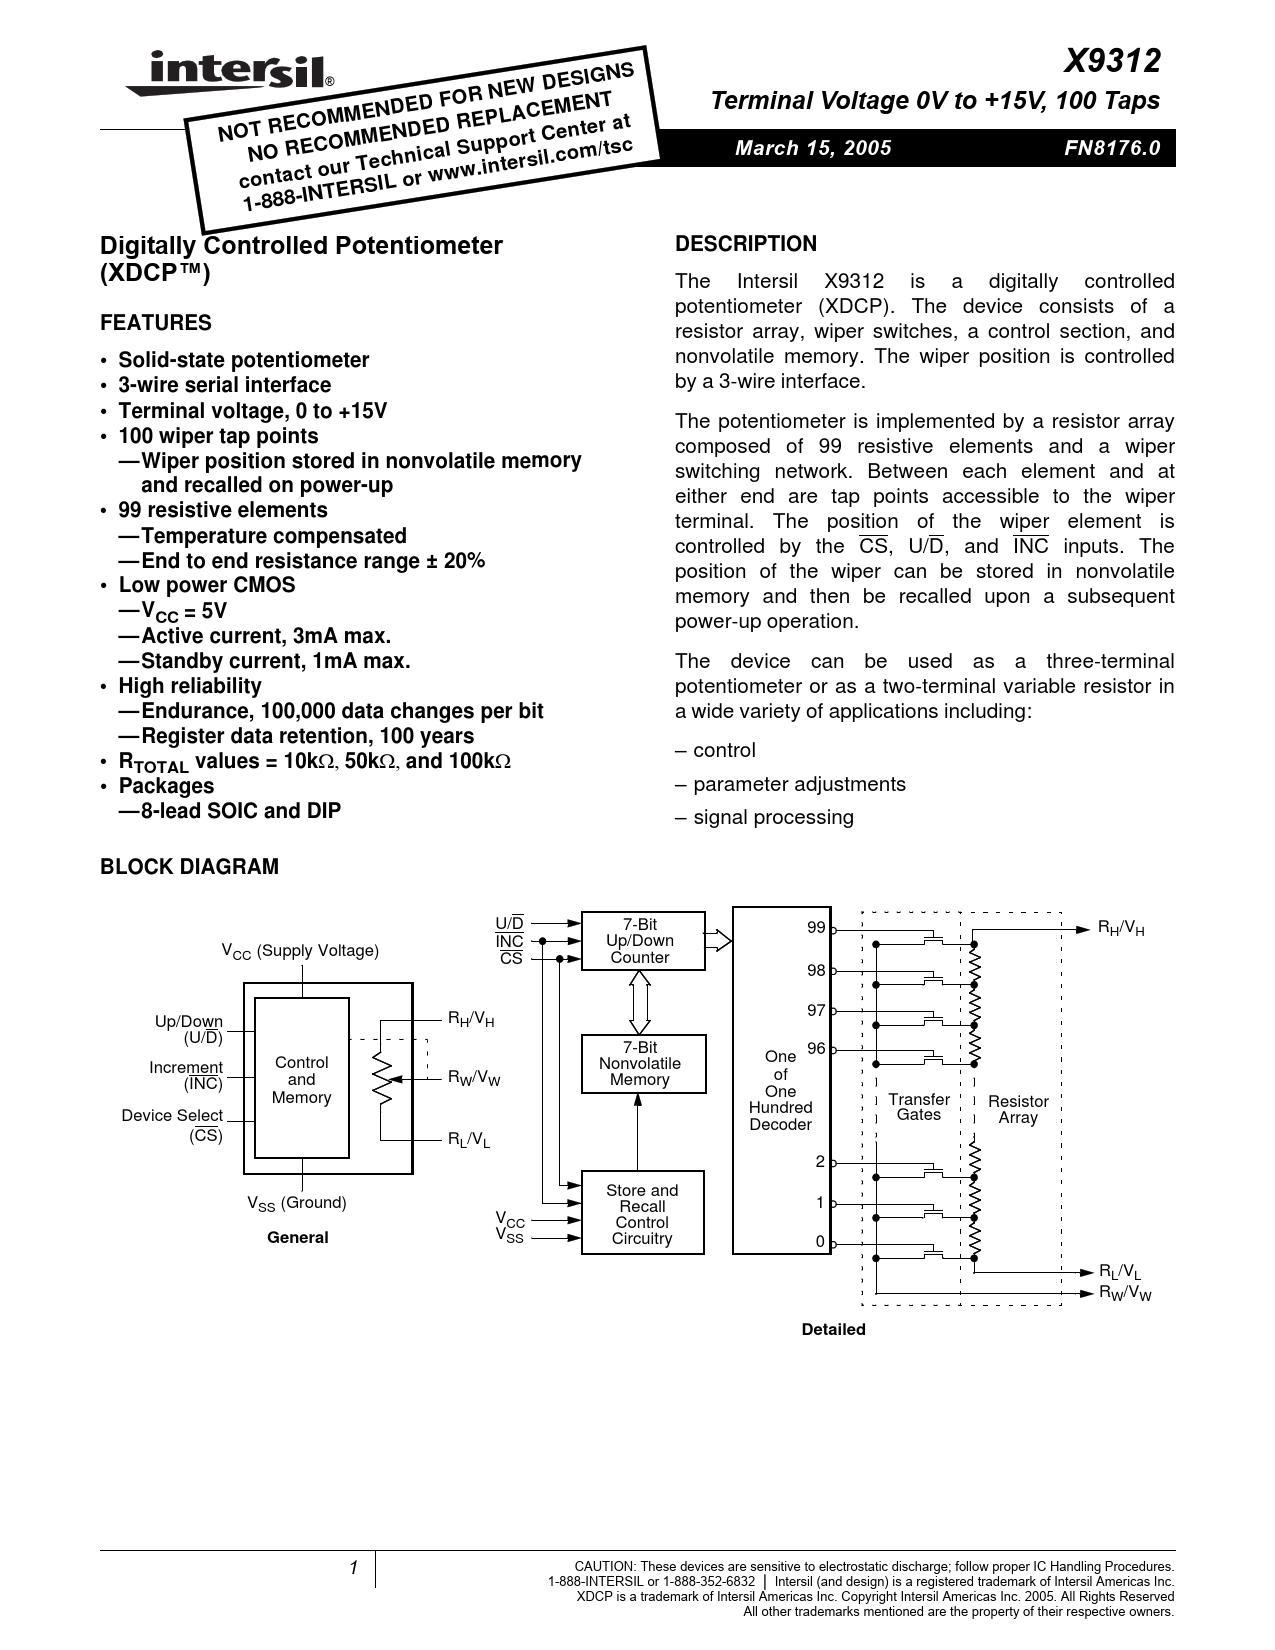 Datasheet X9312 Intersil